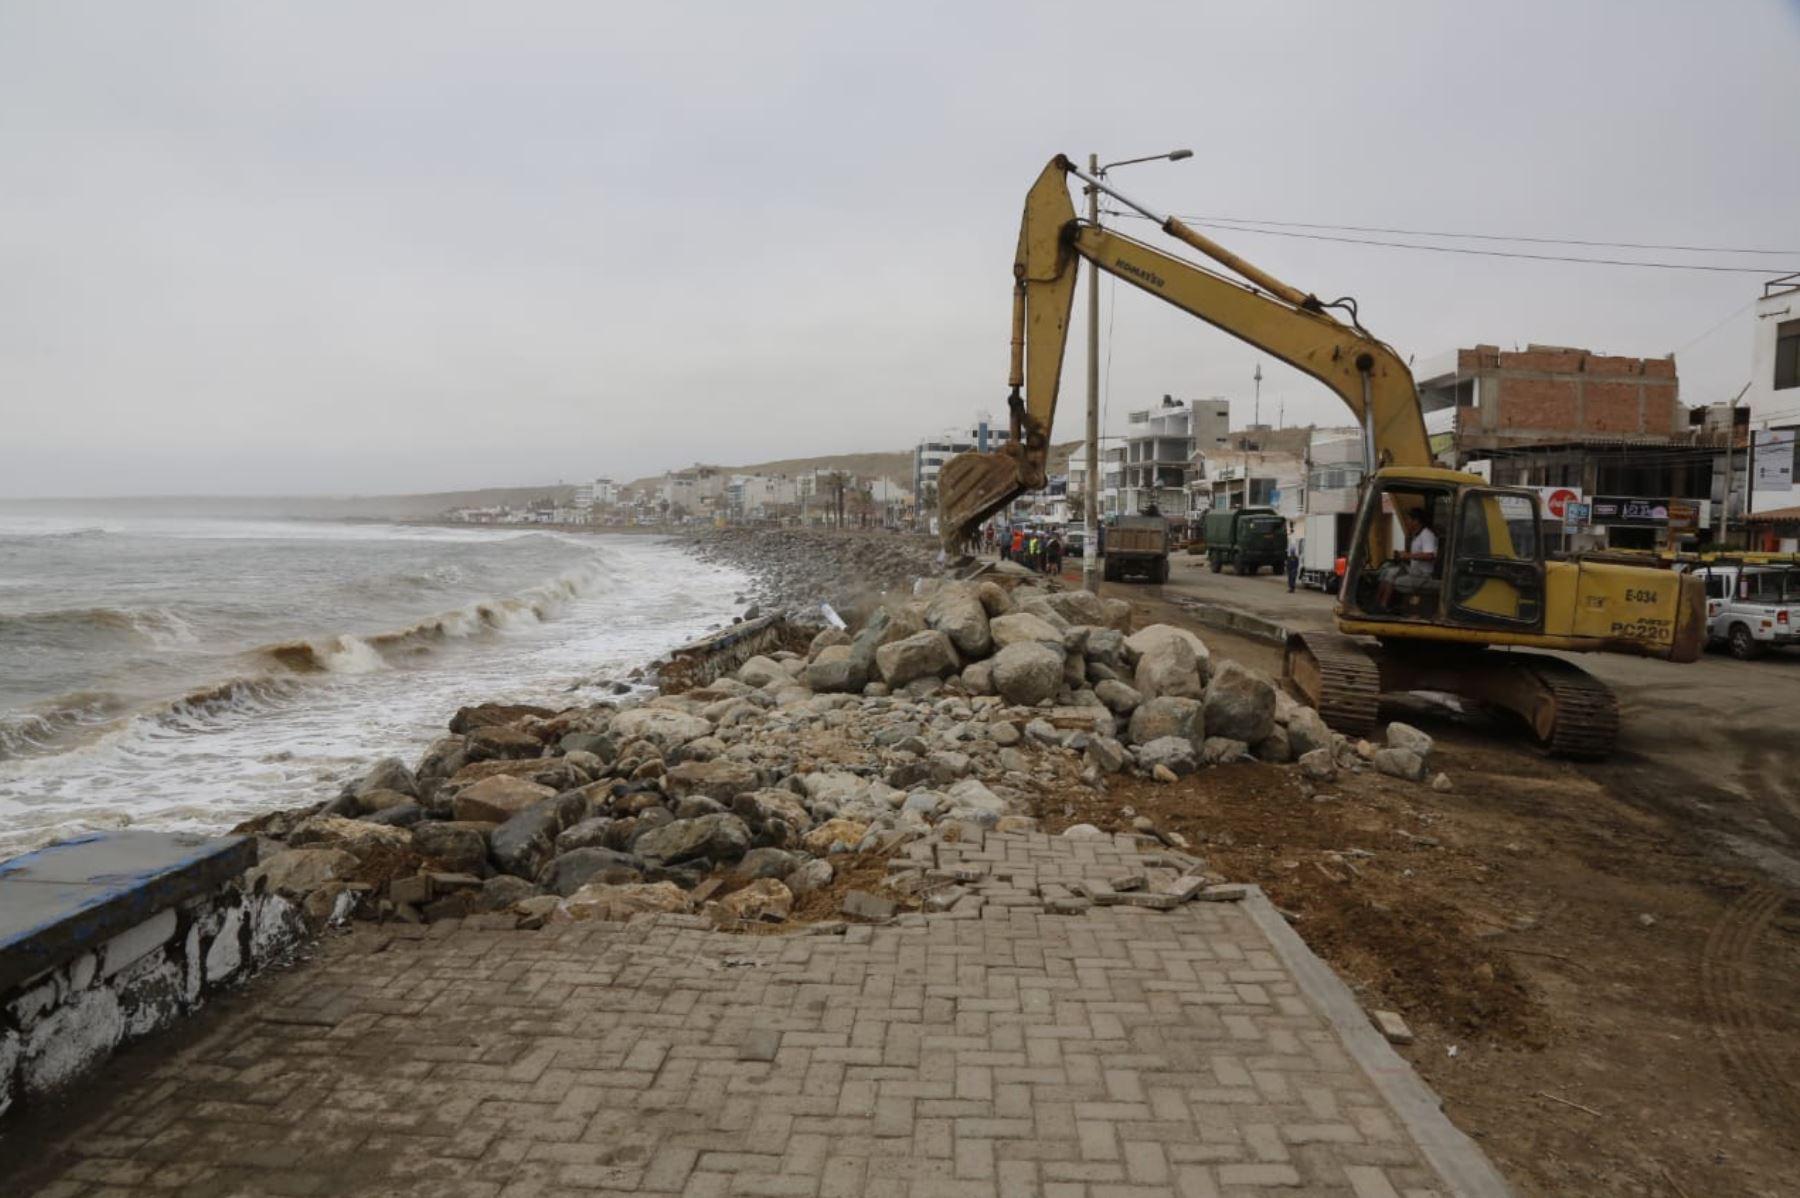 Con maquinaria pesada del Gobierno Regional de La Libertad se retiraron los escombros dejados por el fuerte oleaje en el malecón del balneario de Huanchaco, en la provincia de Trujillo. Foto: ANDINA/Luis Puell